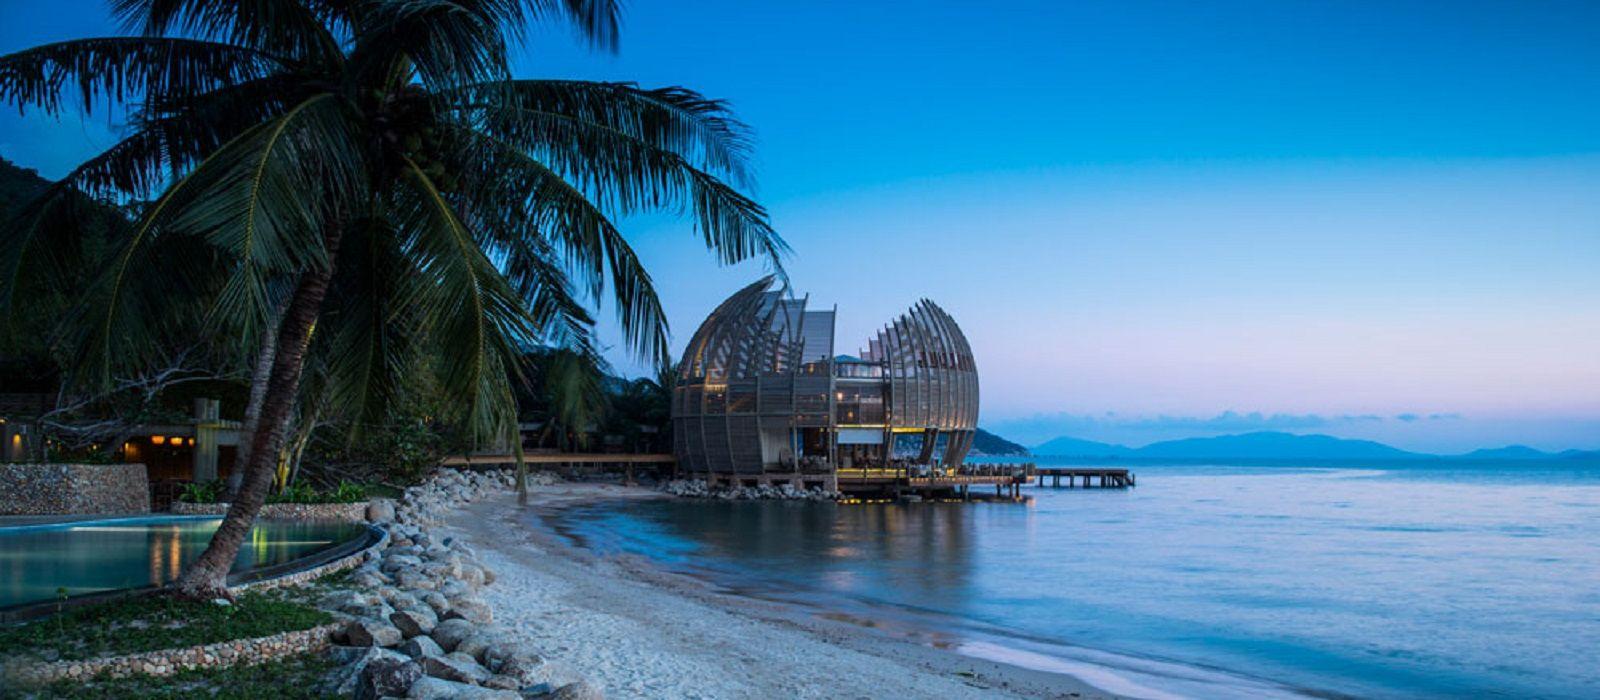 Hotel An Lam Retreats Ninh Van Bay Vietnam